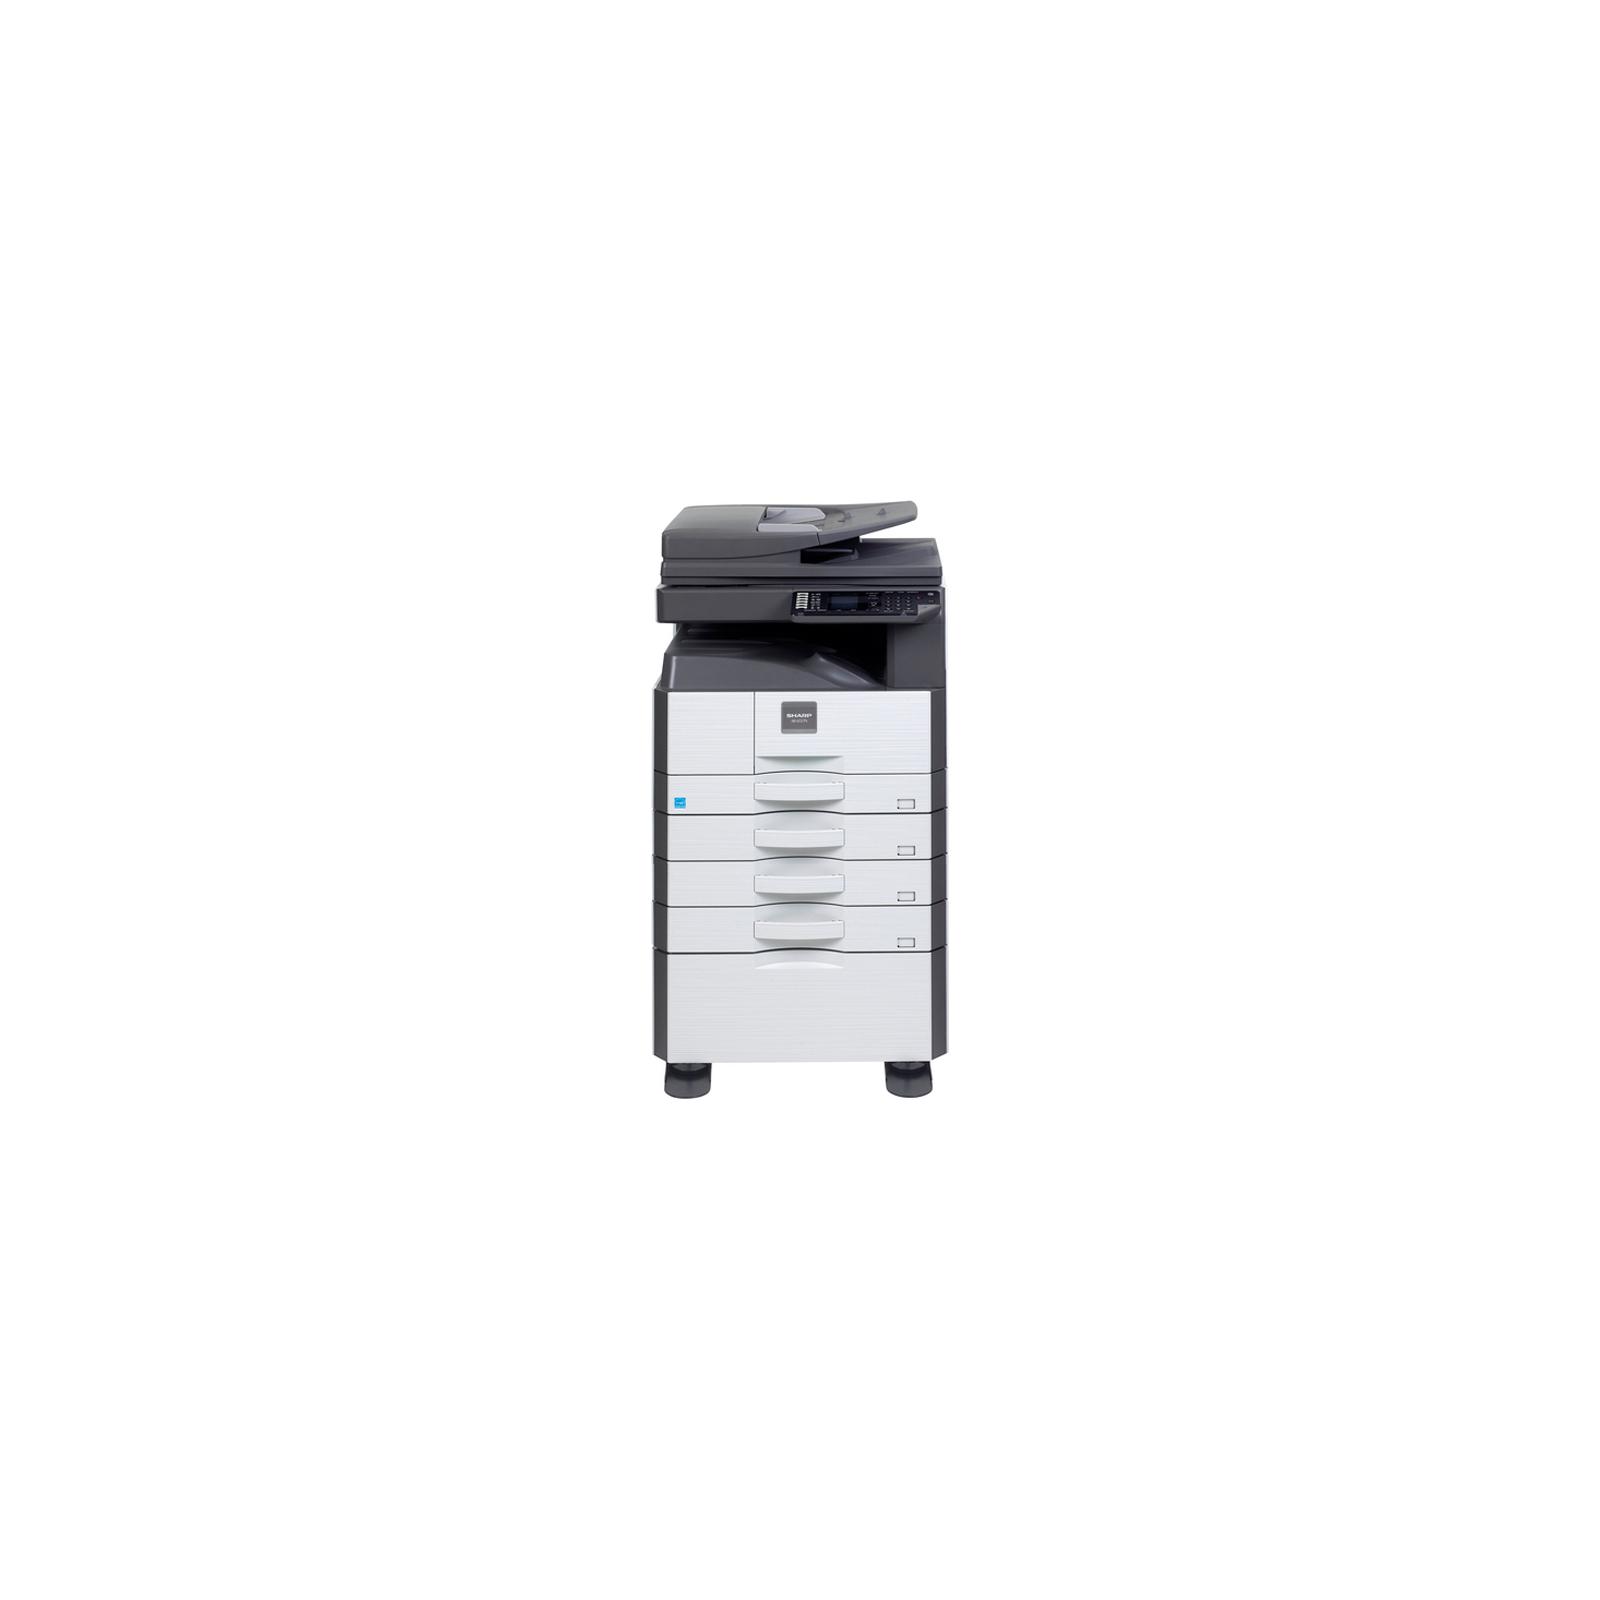 Многофункциональное устройство SHARP AR 6023N (AR6023N)